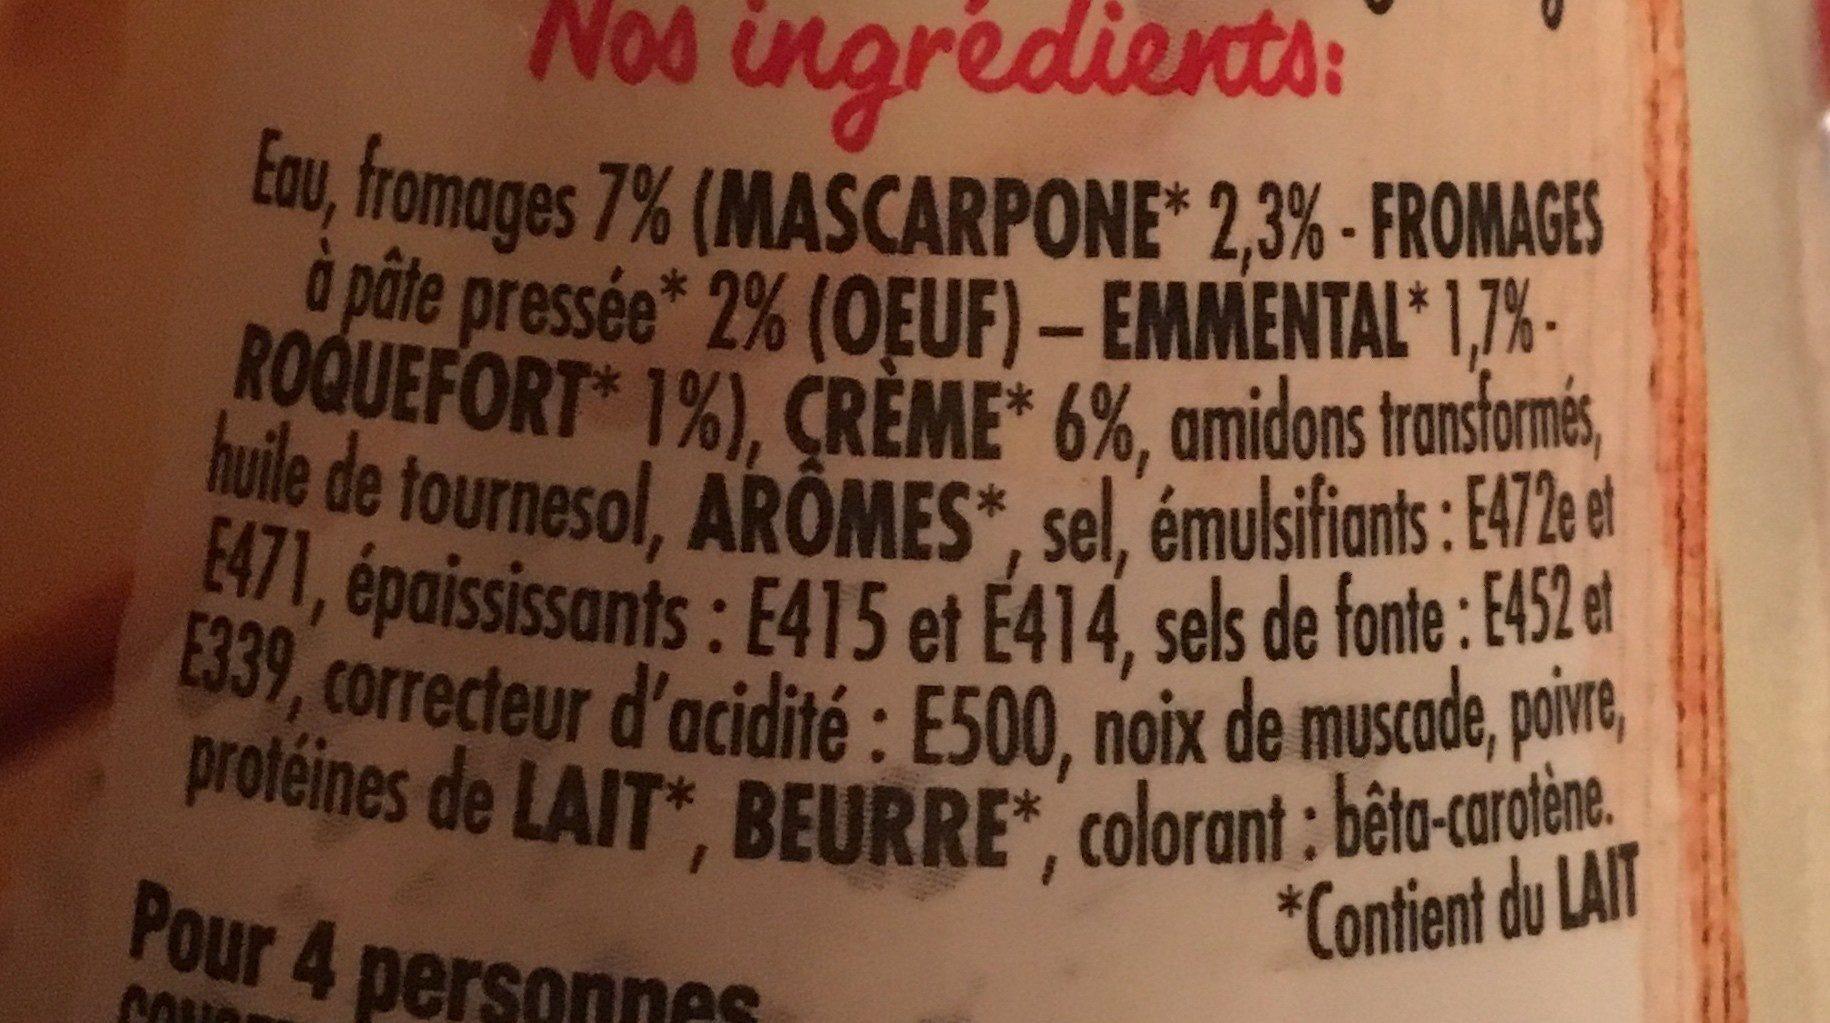 4 fromages a la creme et au mascarpone - Ingrédients - fr